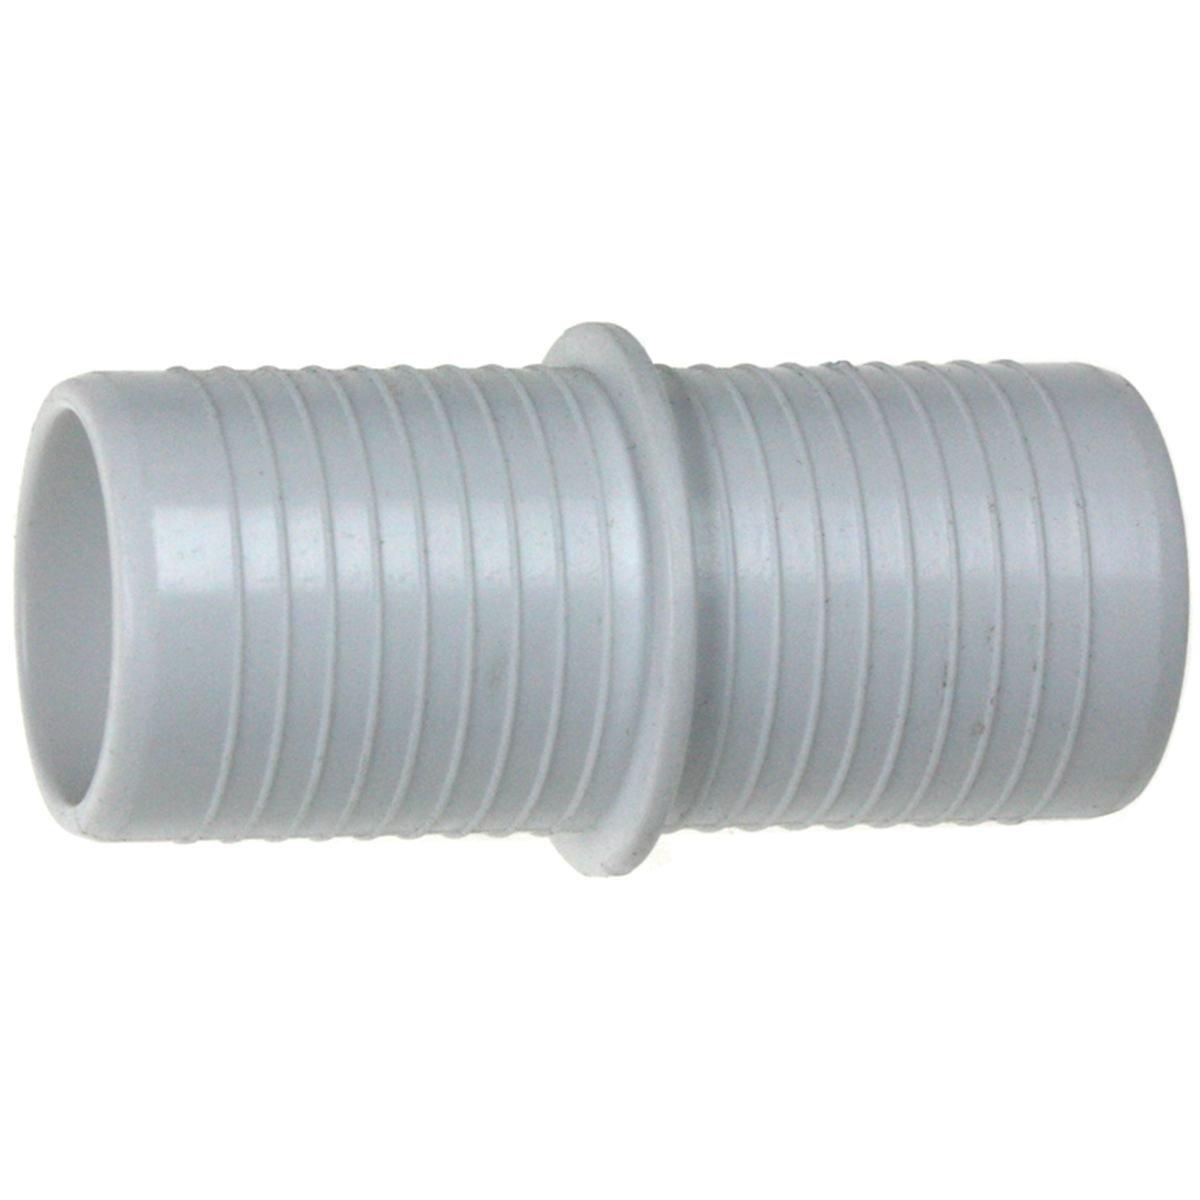 Samlingsstycke till 16 mm. dräneringsslang